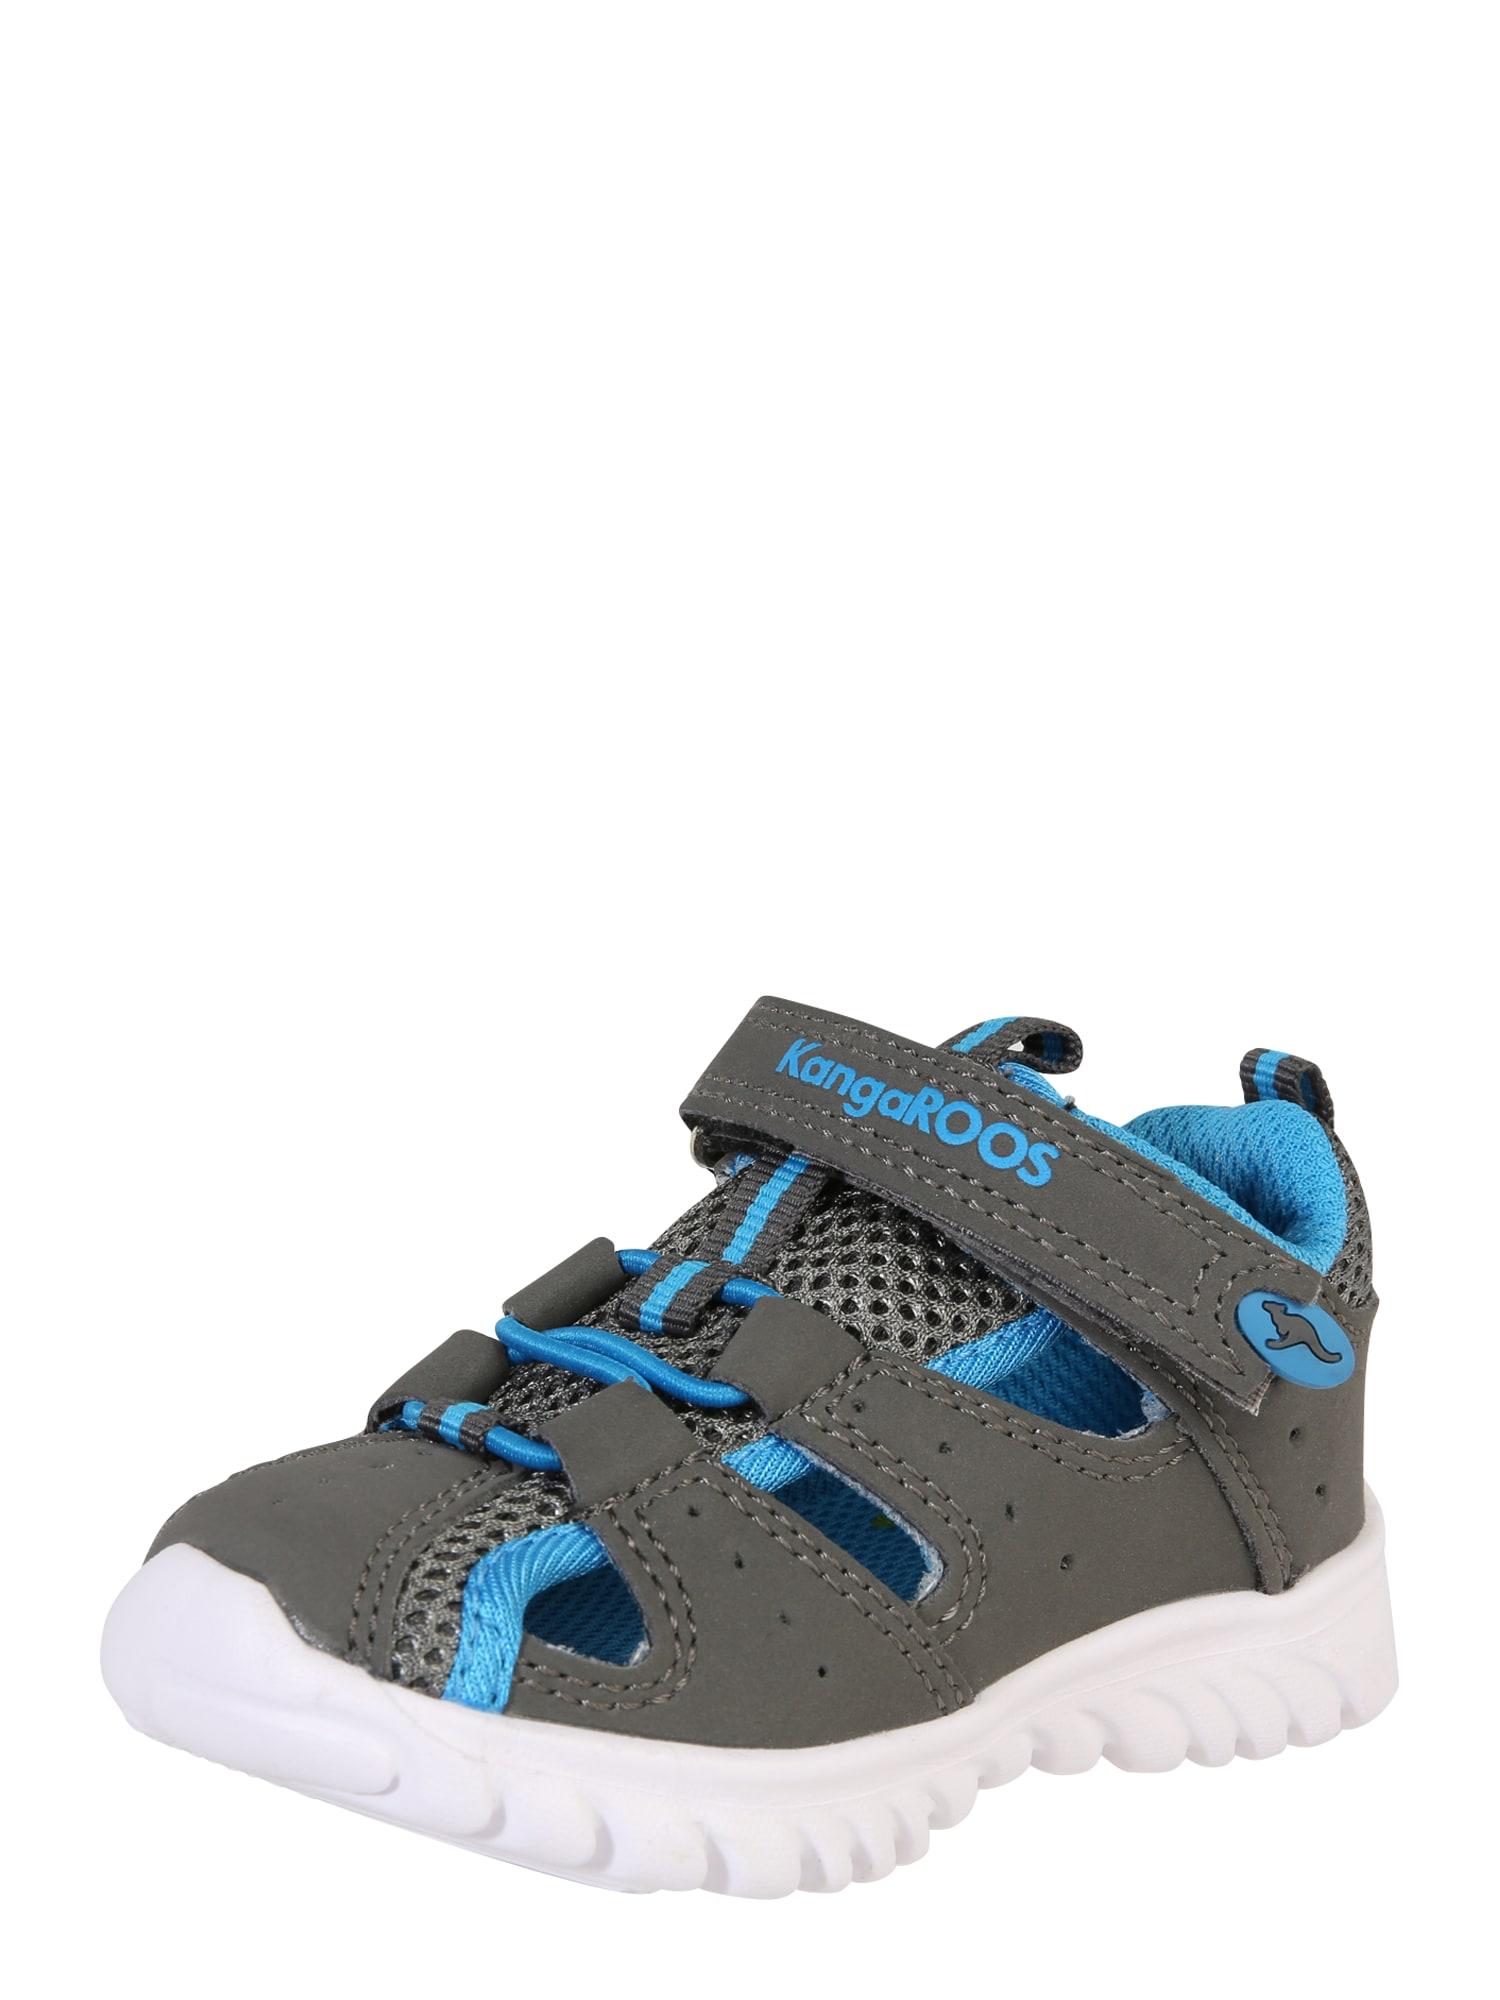 Otevřená obuv Rock lite modrá šedá KangaROOS